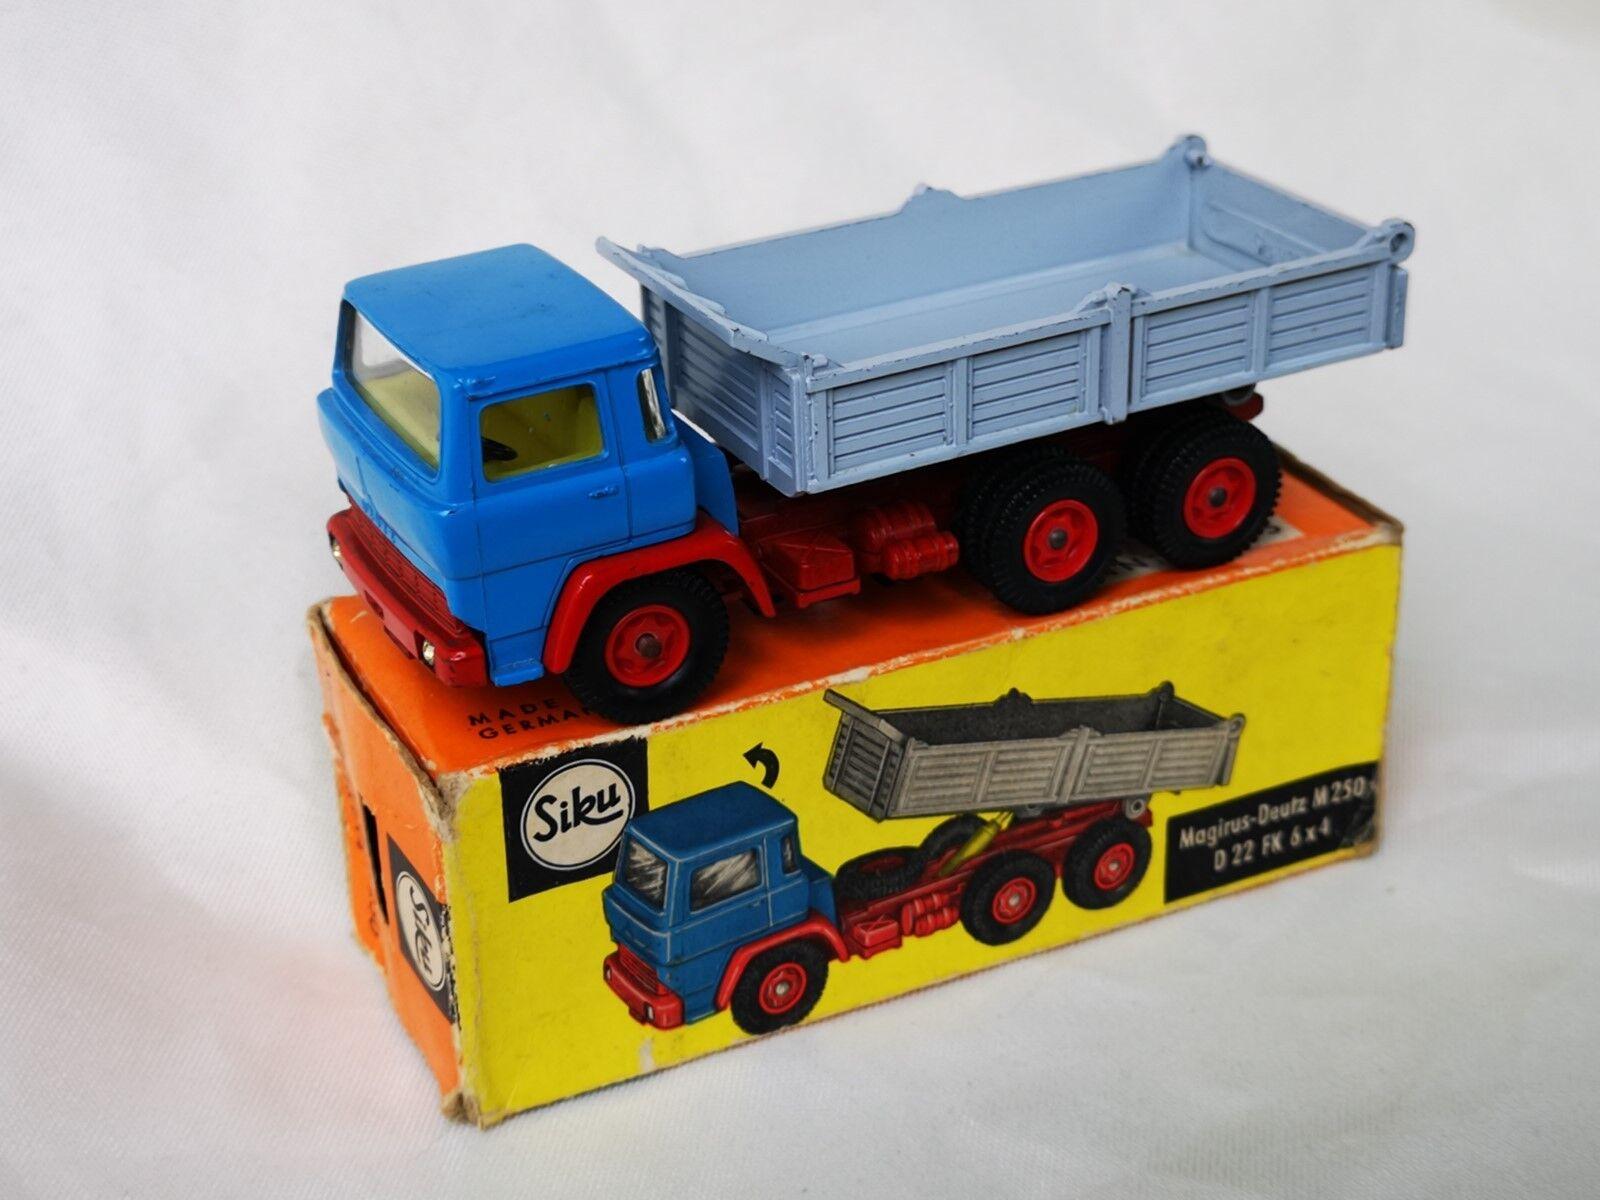 gran descuento Siku v281 Magirus Deutz m250 d22 d22 d22 FK 6x4 camión Boxed  Seleccione de las marcas más nuevas como